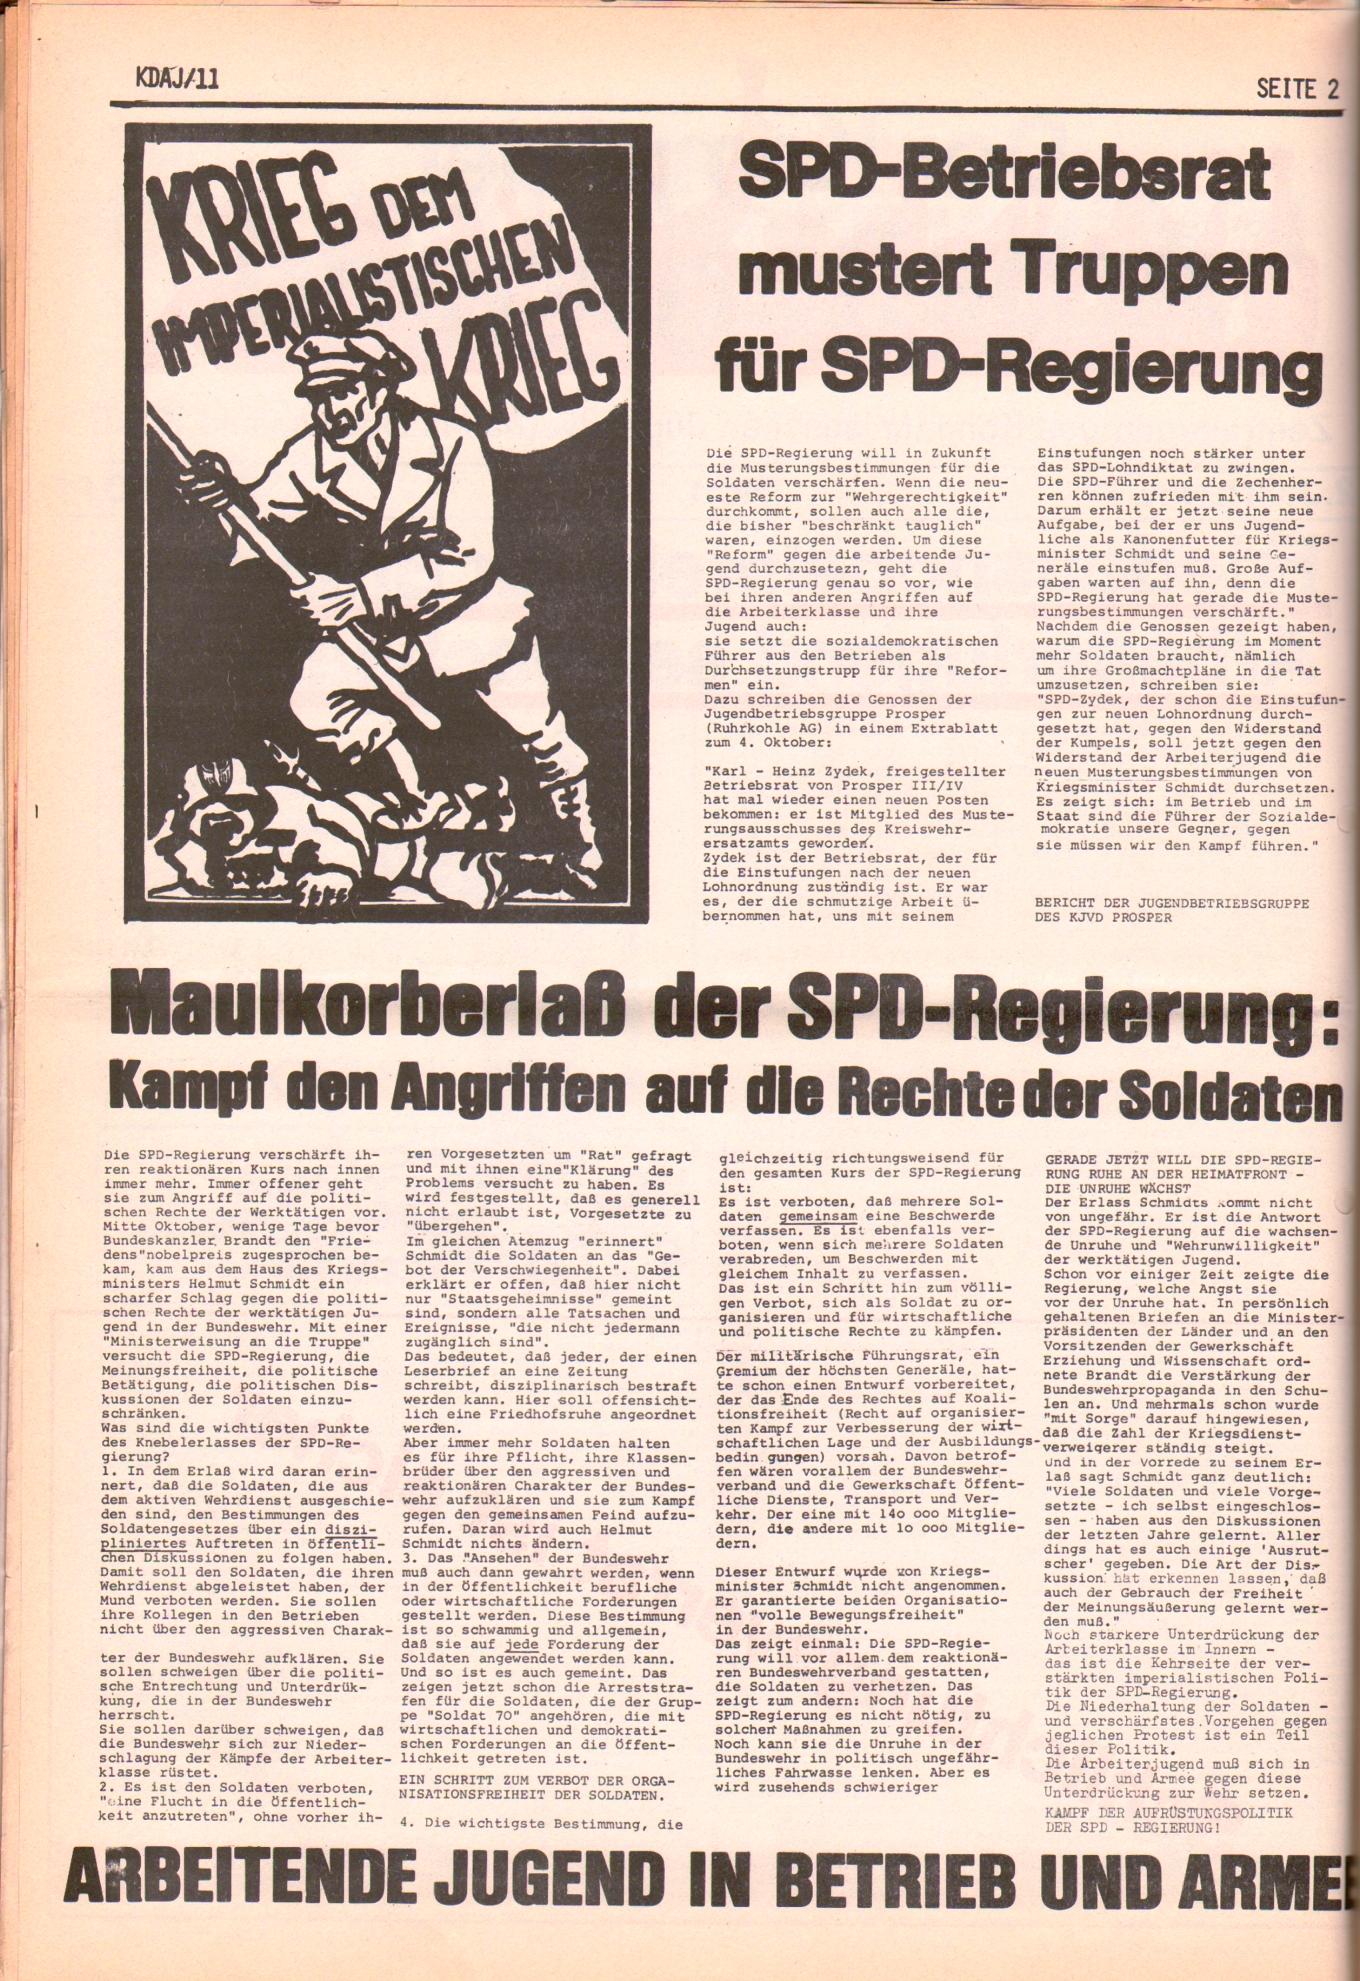 KDAJ, 2. Jg., November 1971, Nr. 11, Seite 2